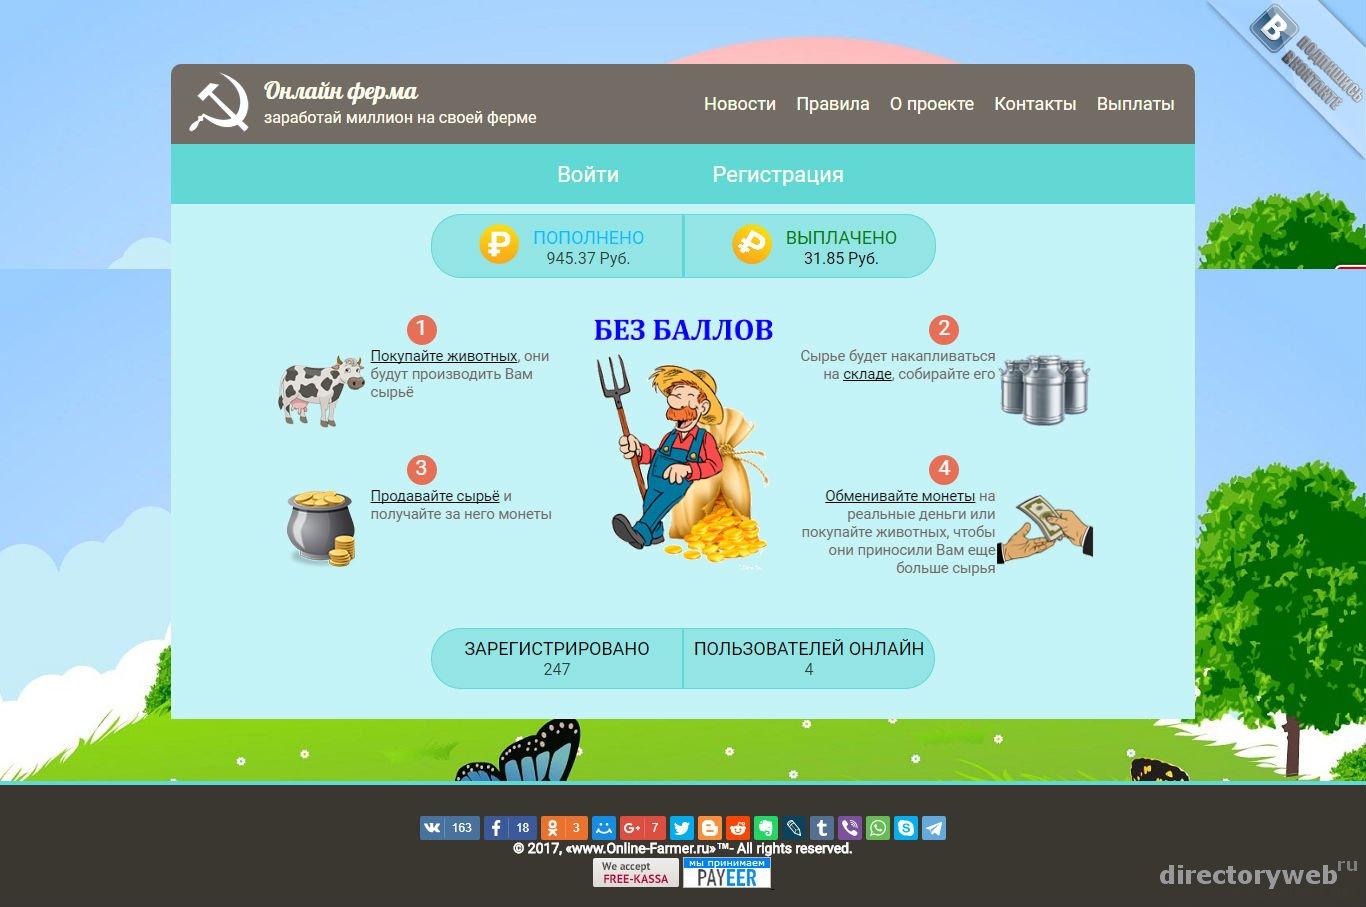 игры онлайн флэш экономические